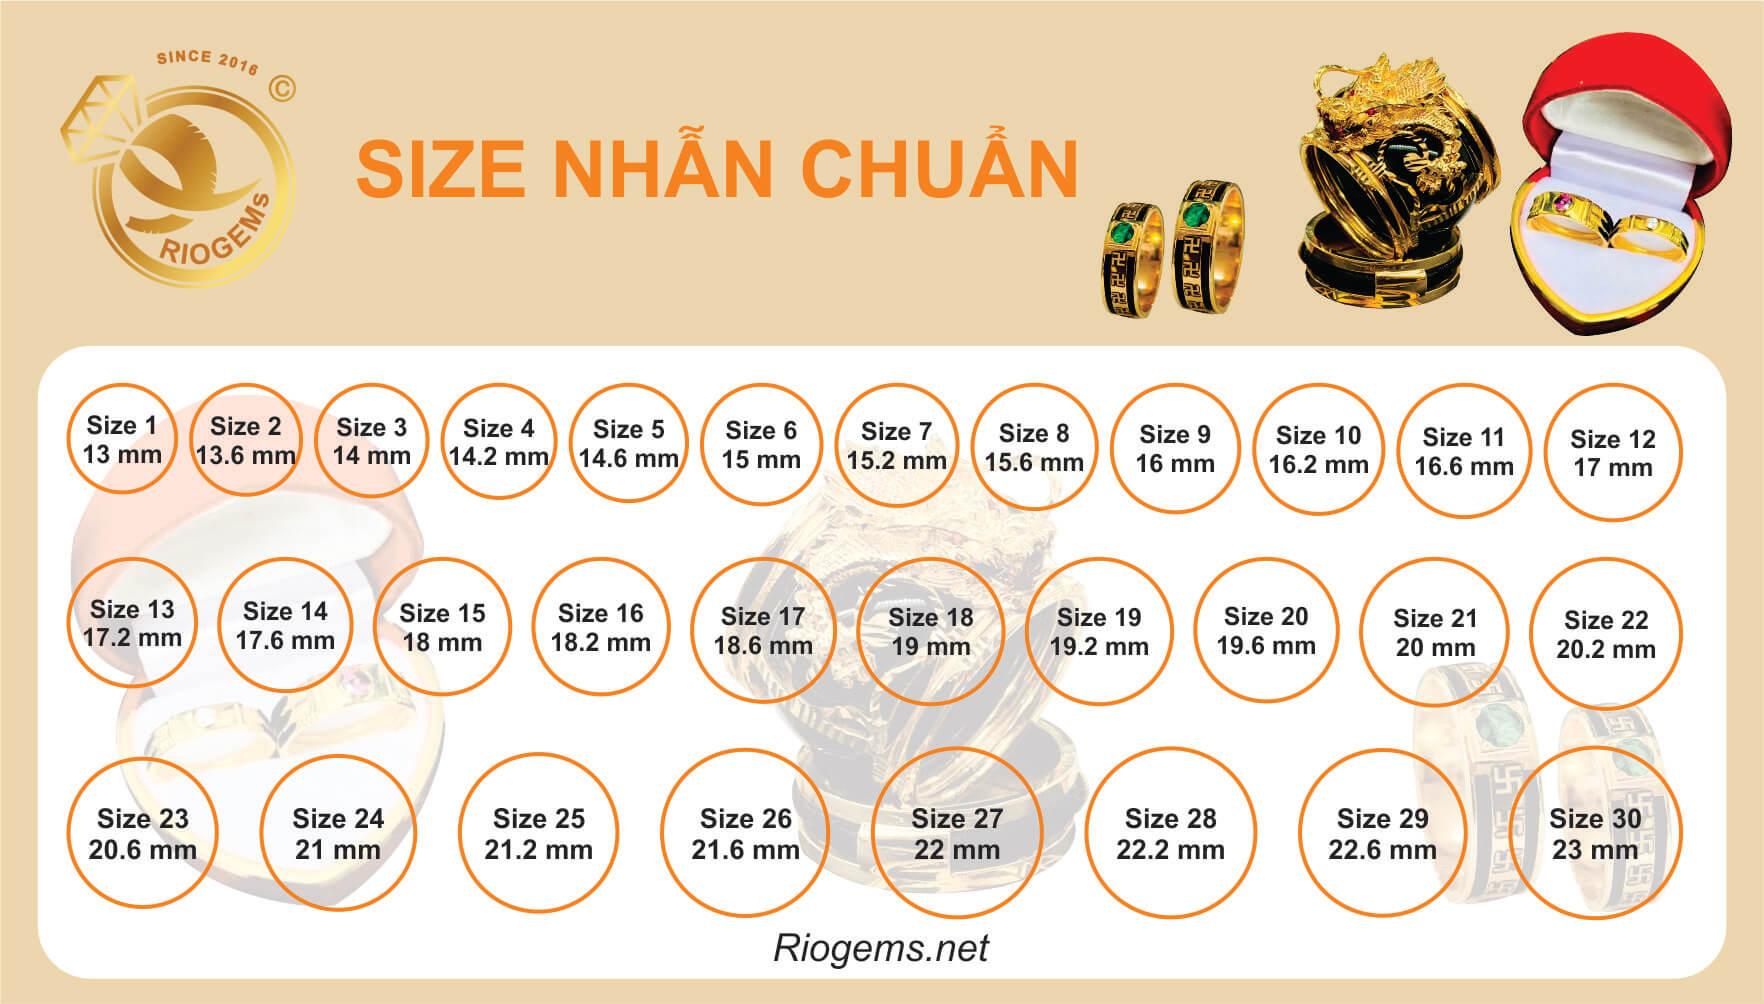 cach-do-size-nhan-chinh-xac-tai-nha-Riogems